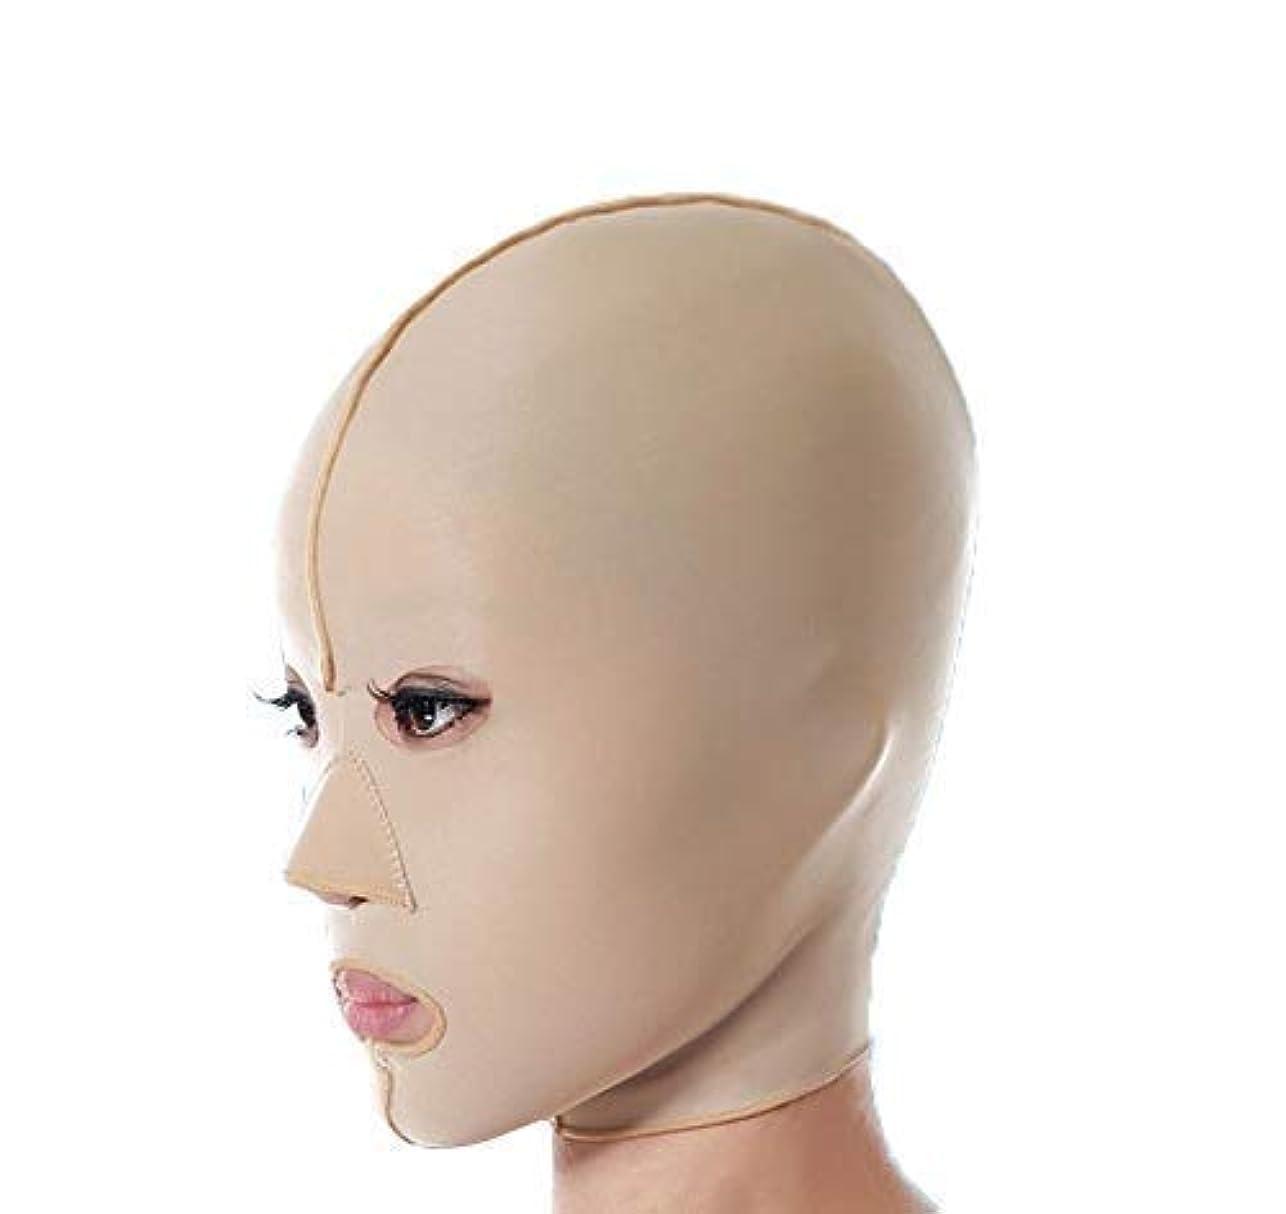 歌く半島ファーミングフェイスマスク、フェイシャルマスクメディシン強力なフェイスマスクアーティファクト美容たるみ防止ロウパターンフェイシャルリフティングファーミングフルフェイスマスク(サイズ:L)